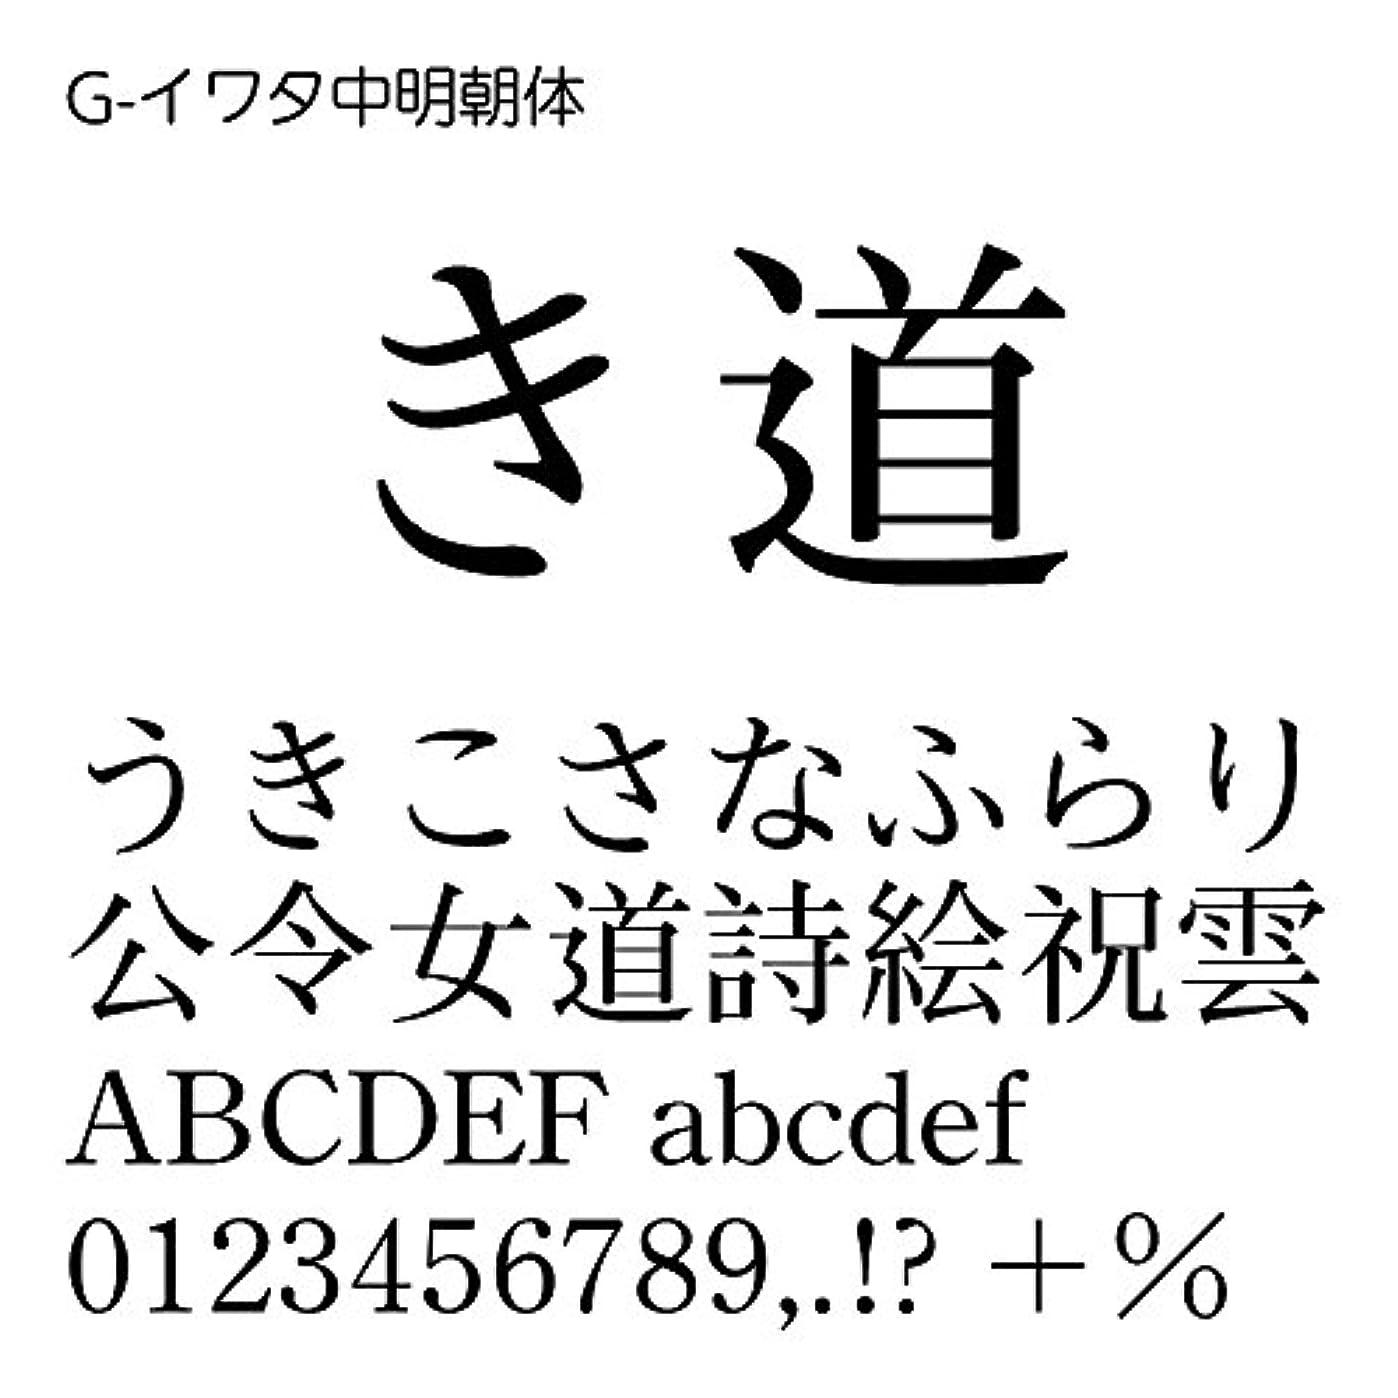 傘いつでも釈義G-イワタ中明朝体 TrueType Font for Windows [ダウンロード]